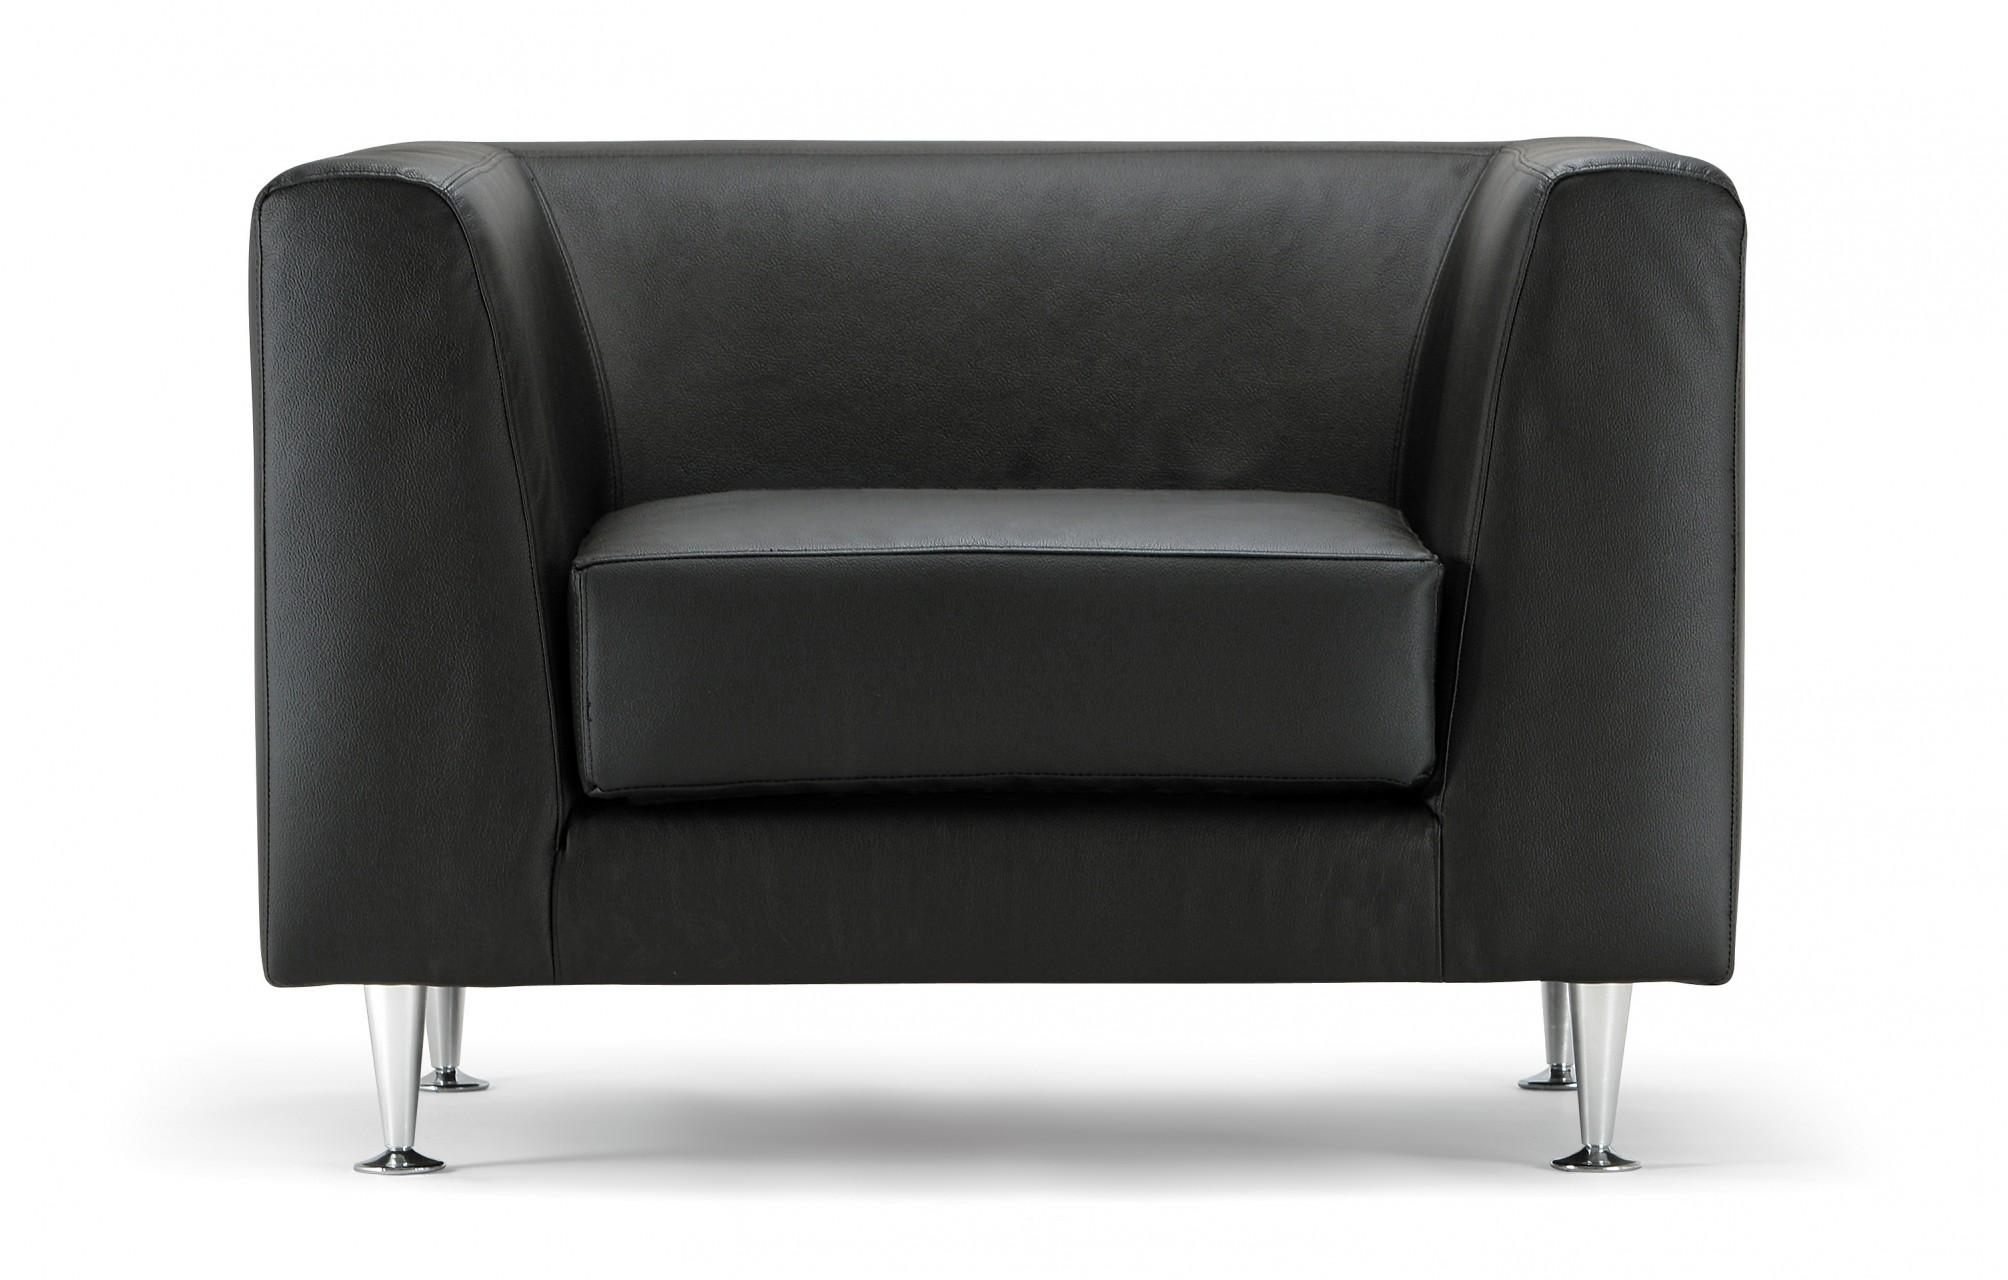 canape et fauteuil assorti maison design. Black Bedroom Furniture Sets. Home Design Ideas